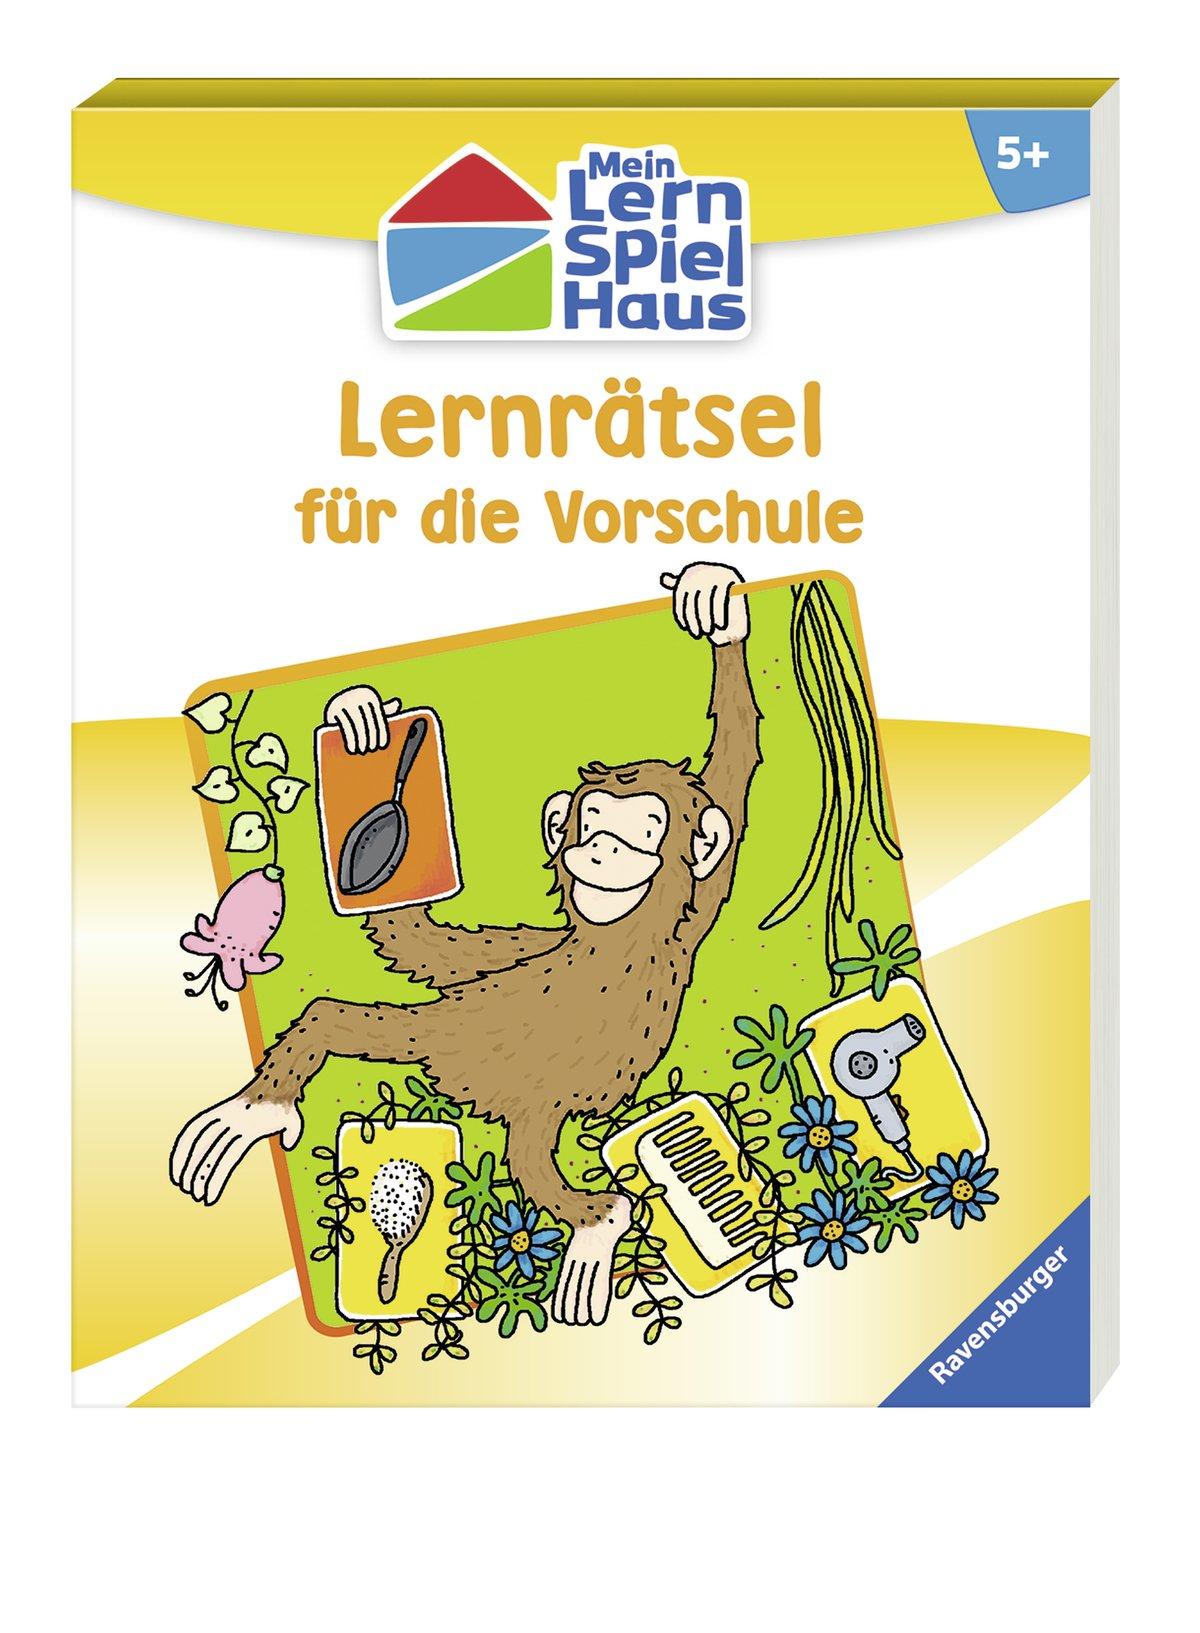 Lernrätsel für die Vorschule Mein Lern-Spiel-Haus: Amazon.de: Anja ...